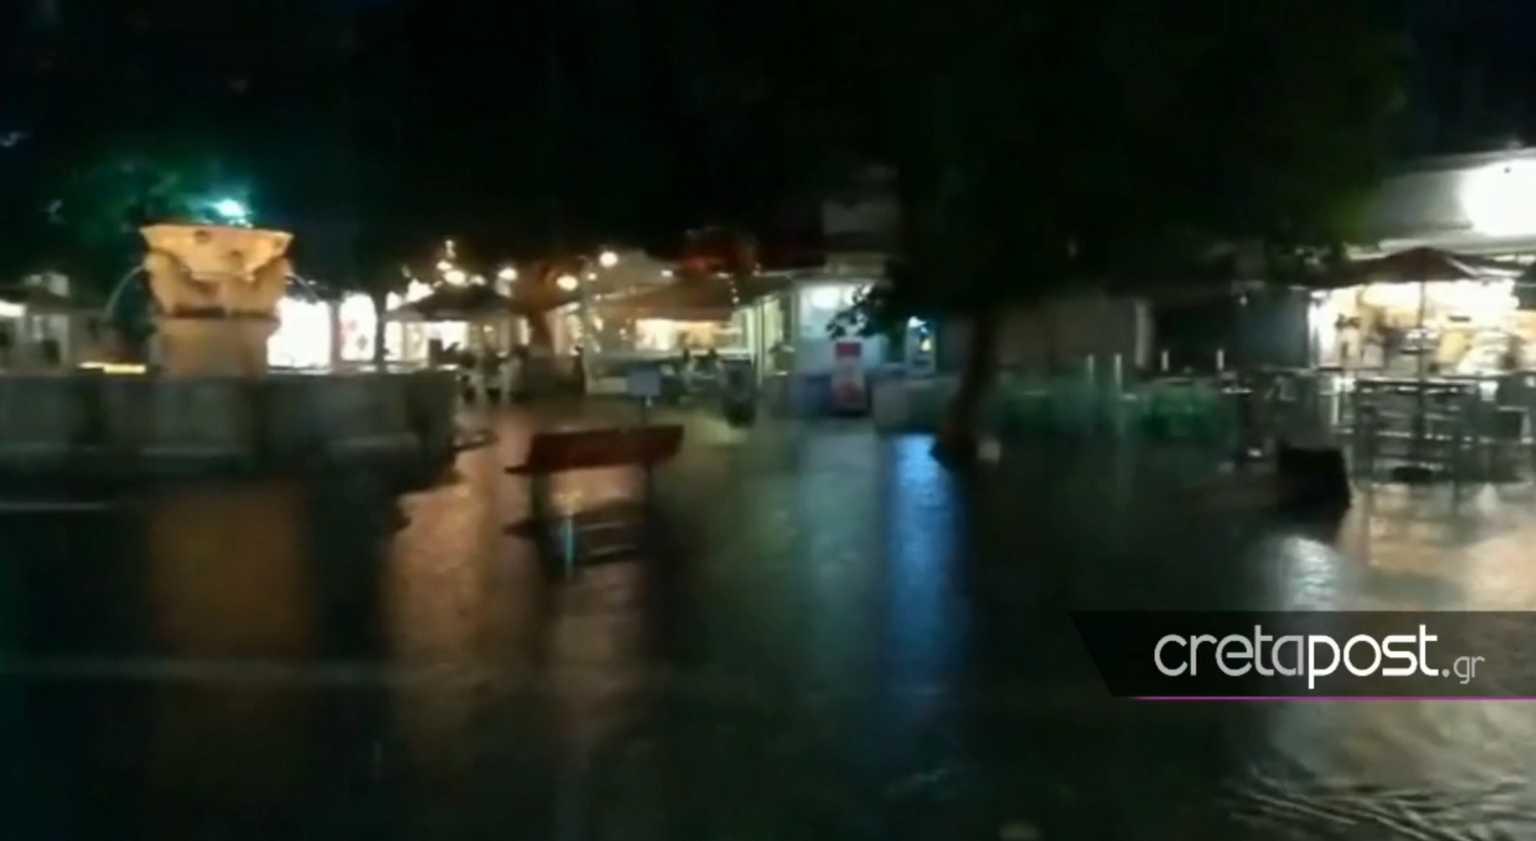 Ιανός: Πλημμύρισαν τα… Λιοντάρια στο Ηράκλειο! Απίστευτες εικόνες